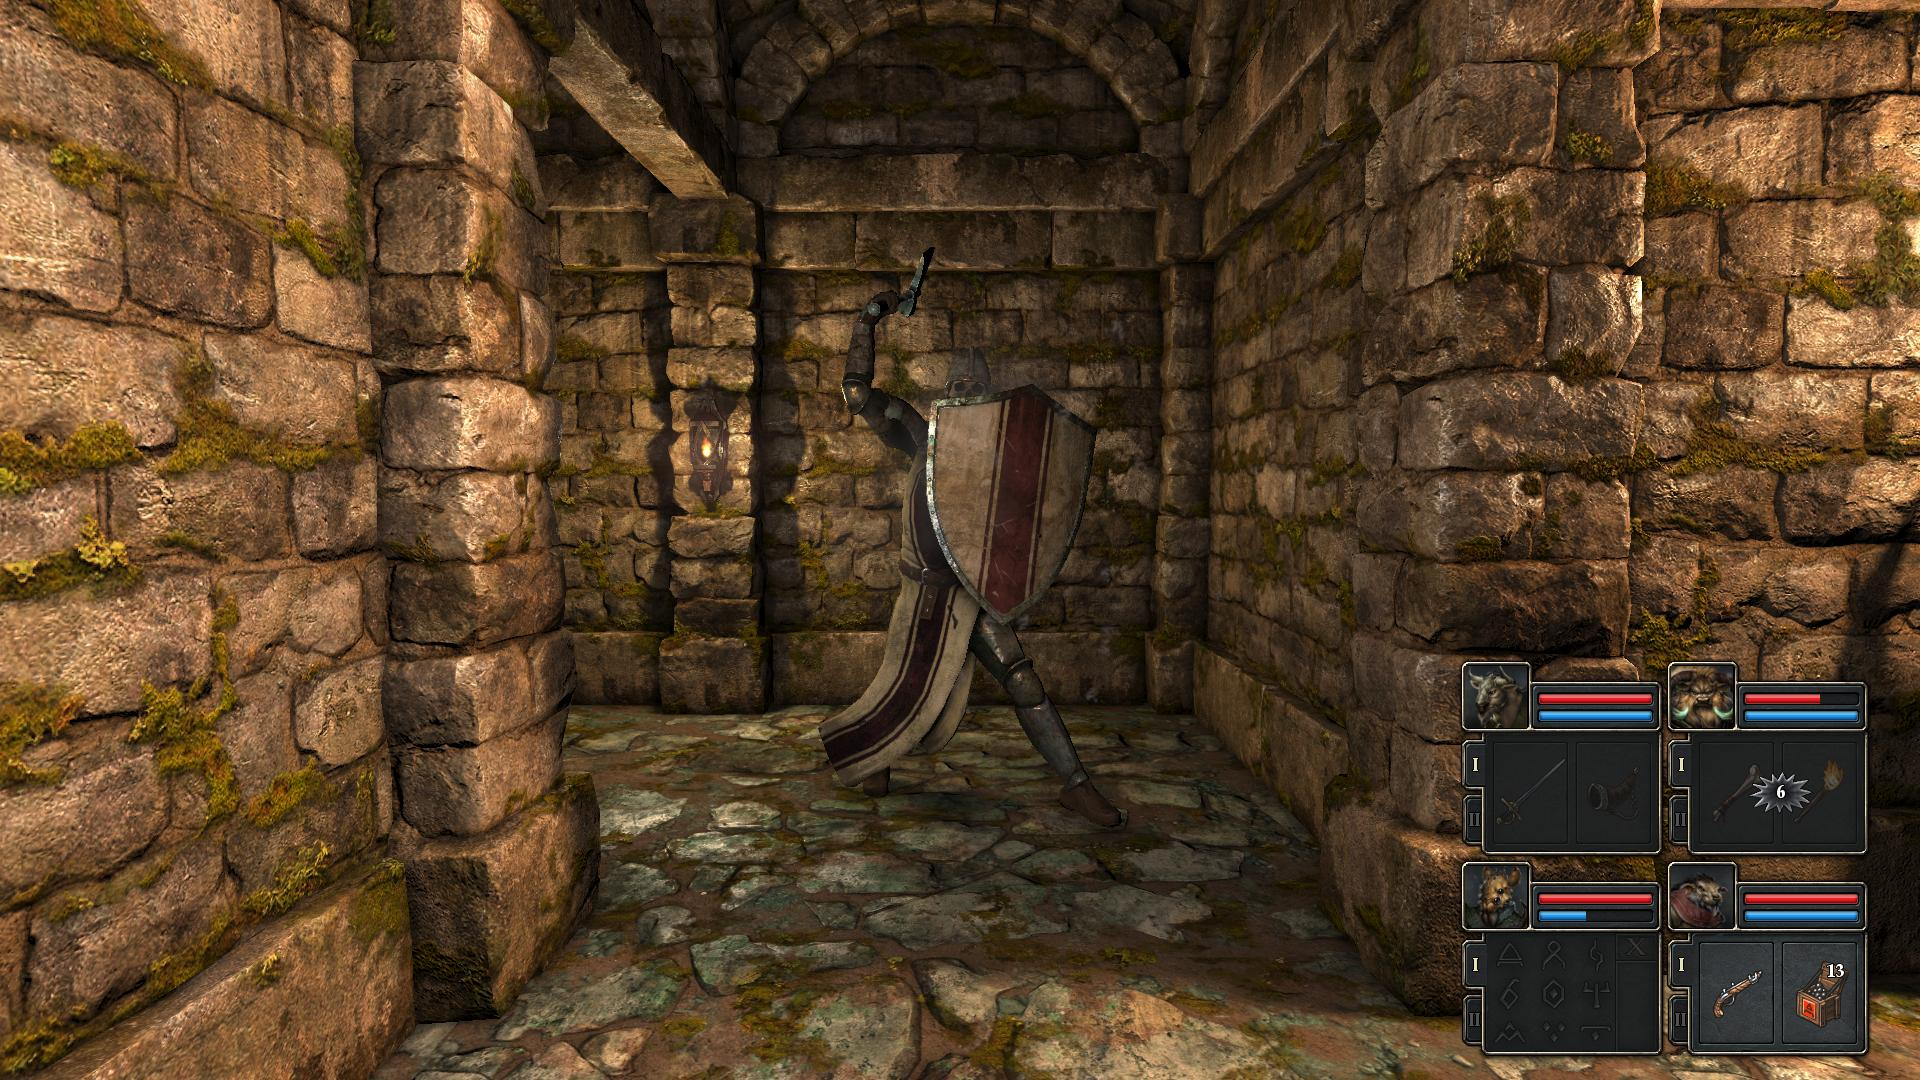 Recenze Legend of Grimrock 2 - Návrat legendy, anebo propadák? 9645